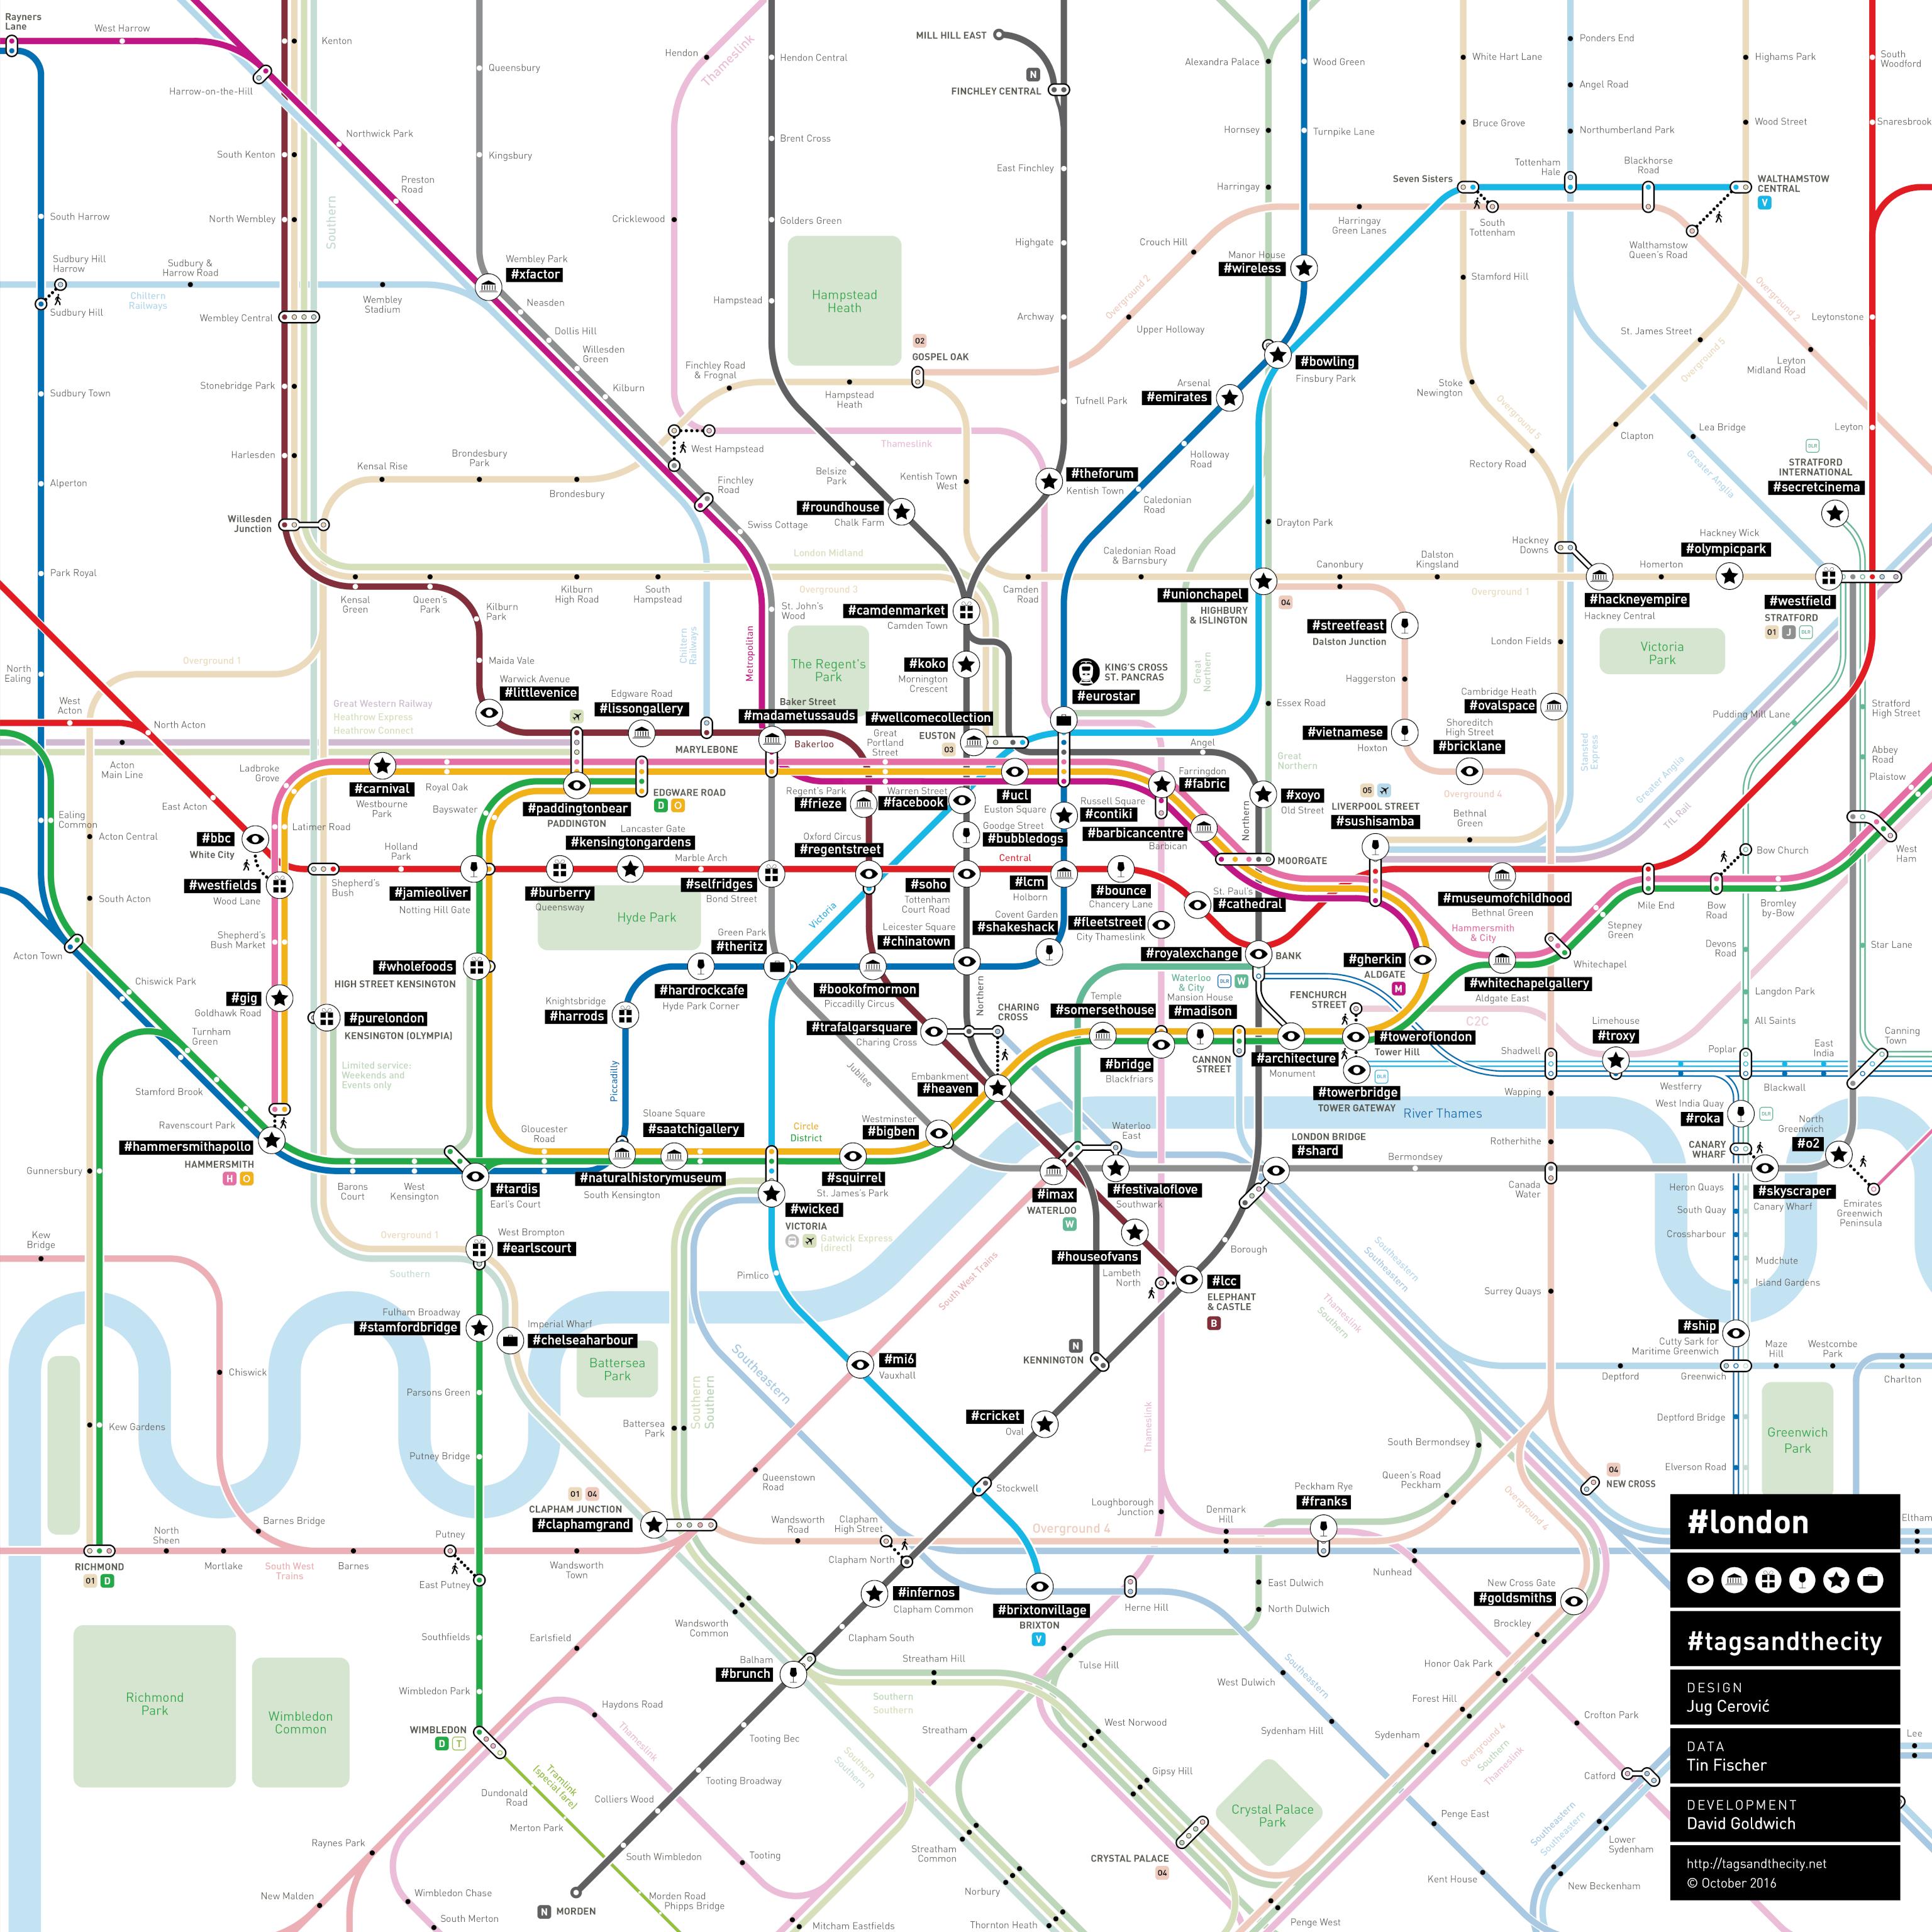 map #